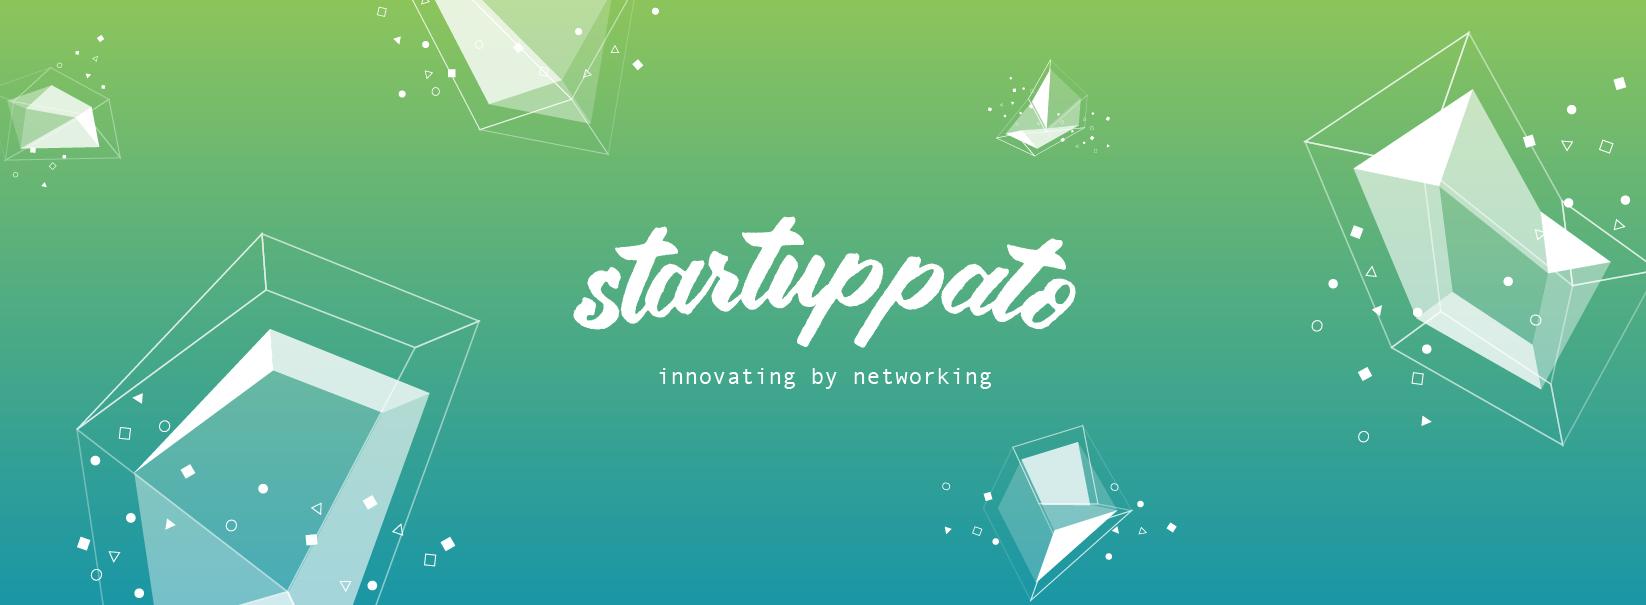 Il 23 novembre torna Startuppato: le novità  il Digital Job Placement e Startuppato Kids